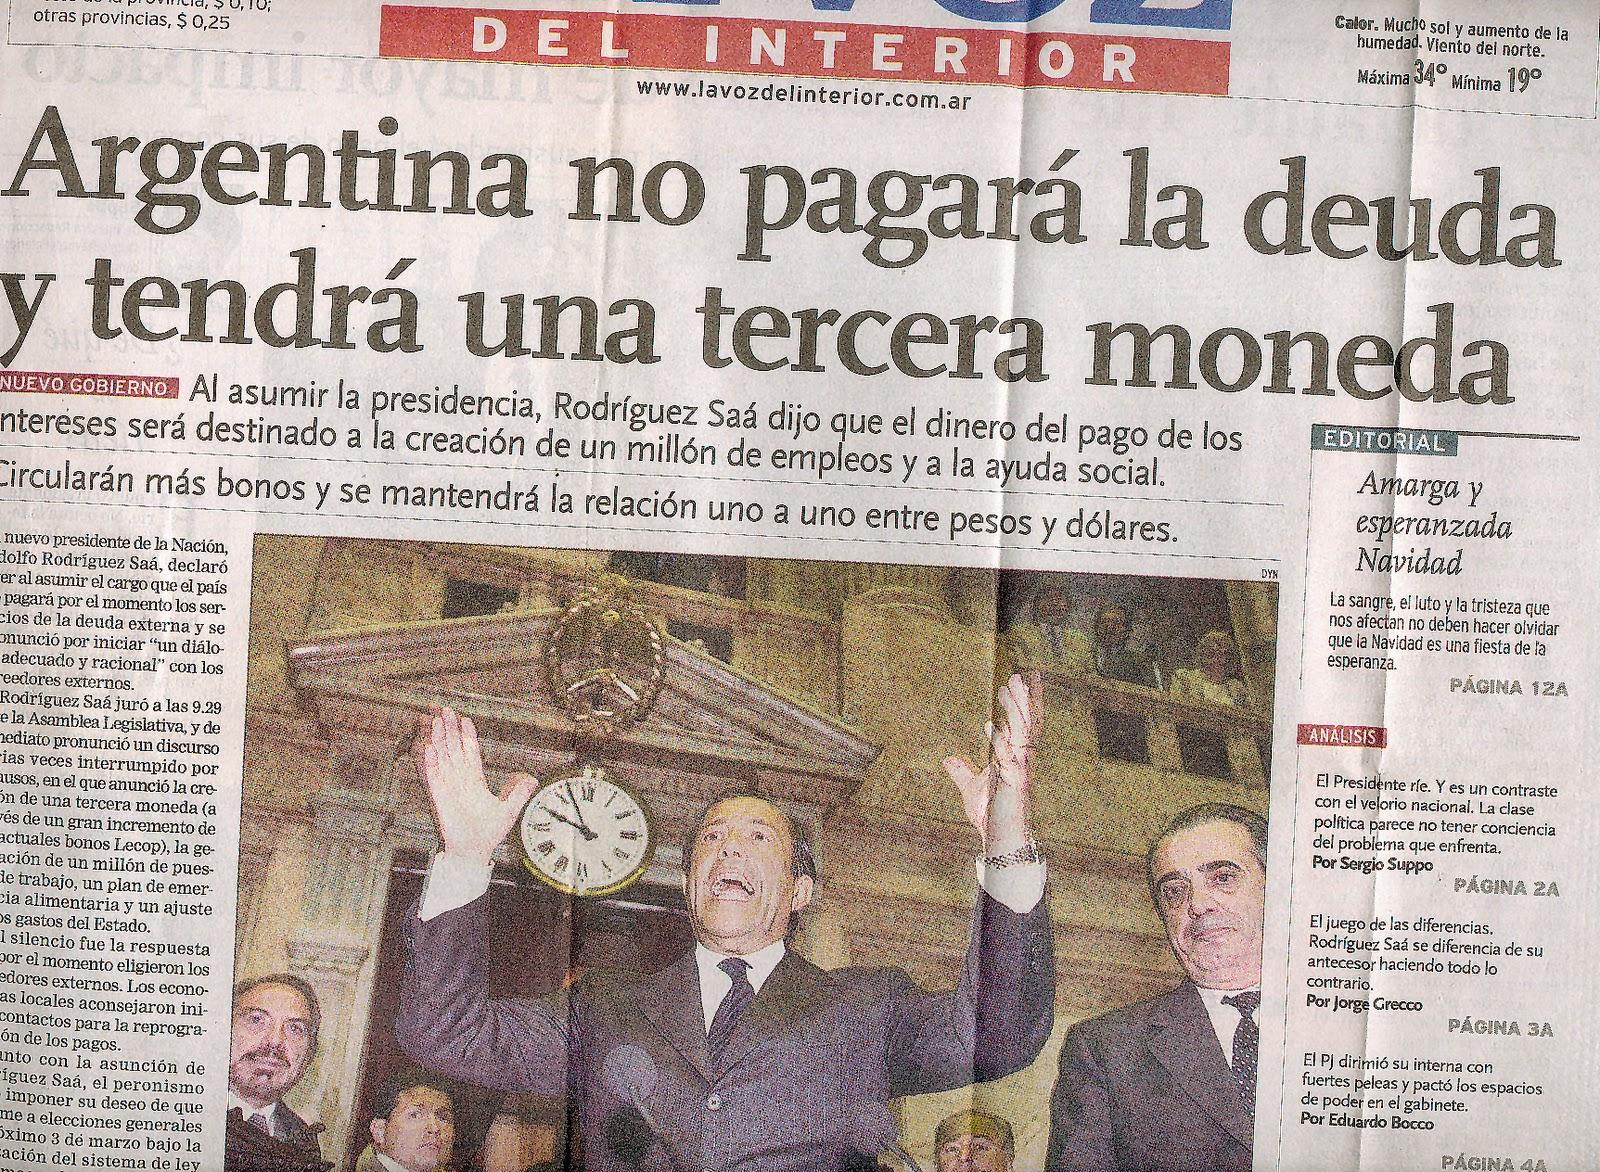 http://1.bp.blogspot.com/-VbLtEpLWdmM/UCE1QWTbVsI/AAAAAAAAH5s/CeBPkNPWScE/s1600/Argentina+19+dic+2001,+indignados+17,+default+24+dic+2001+(1).jpg